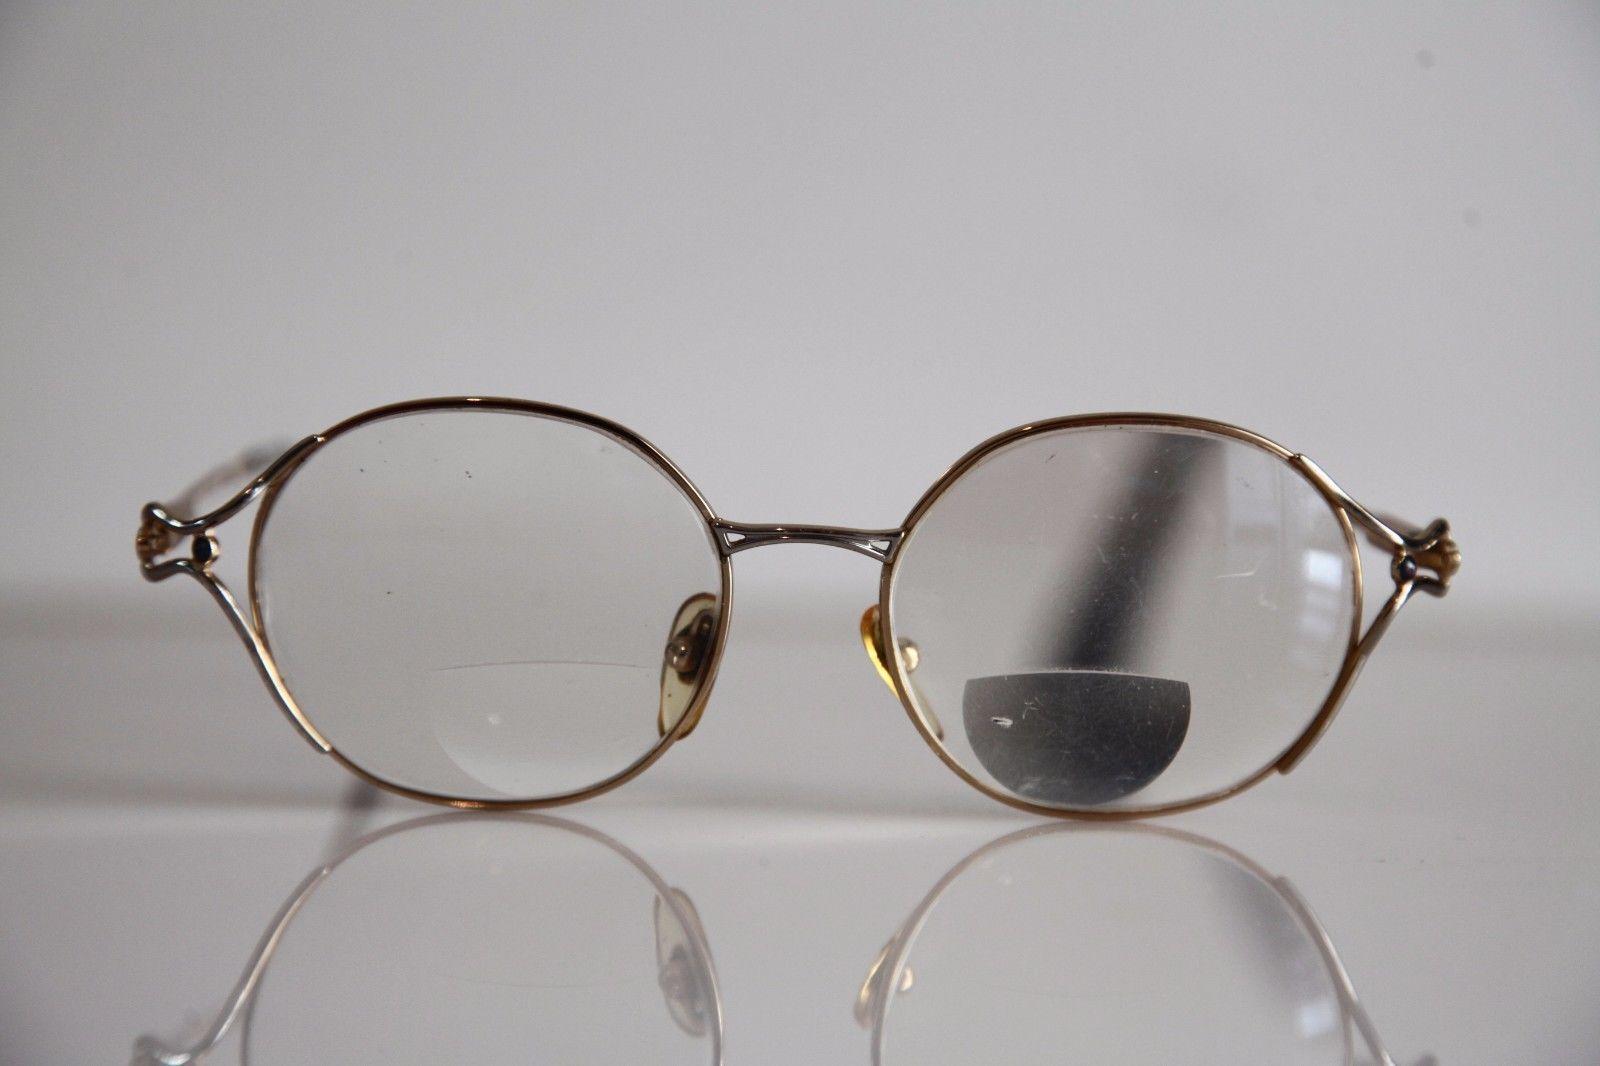 Sferoflex Eyeglasses: 9 listings